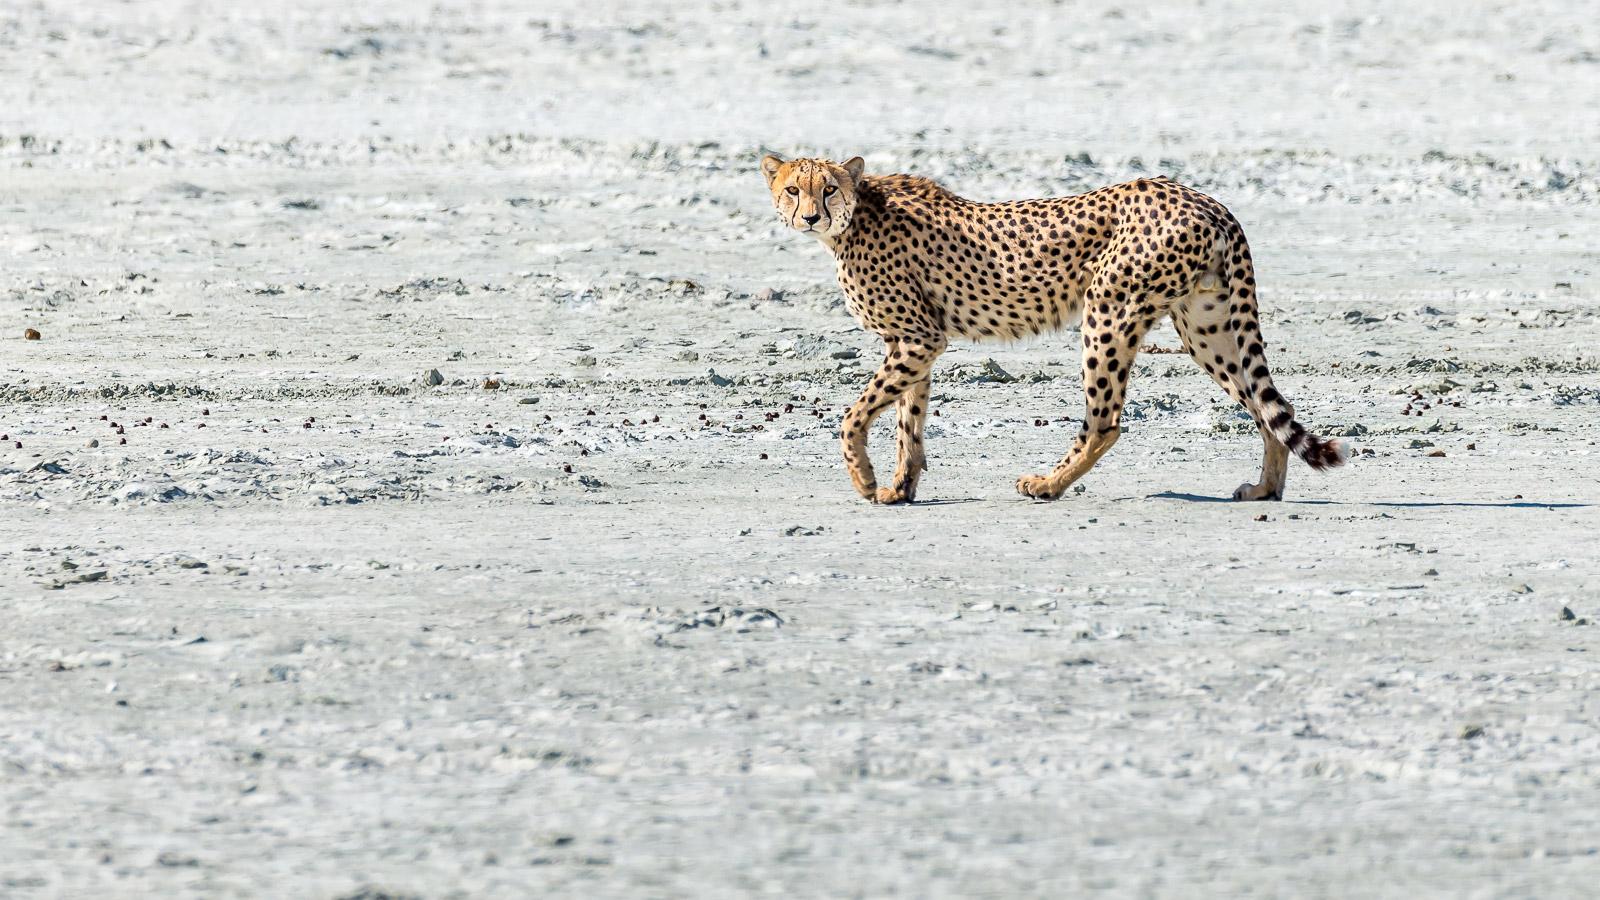 Cheetah walking in Etosha National Park